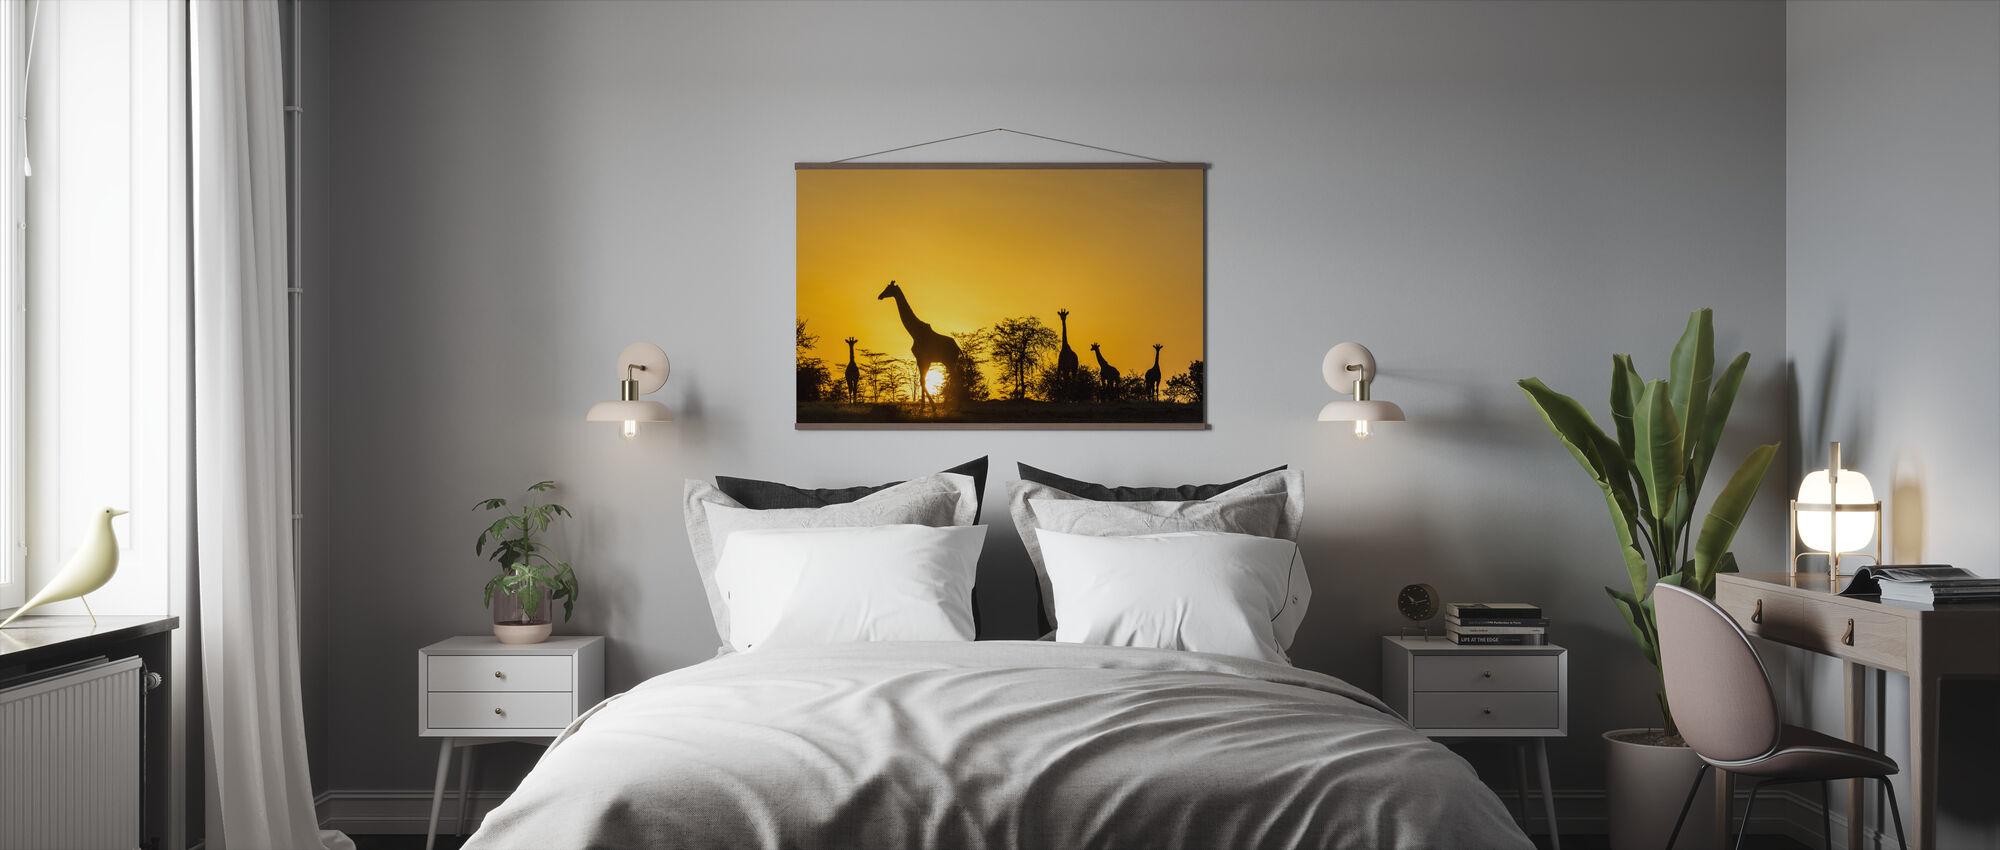 Giraffresa - Poster - Sovrum